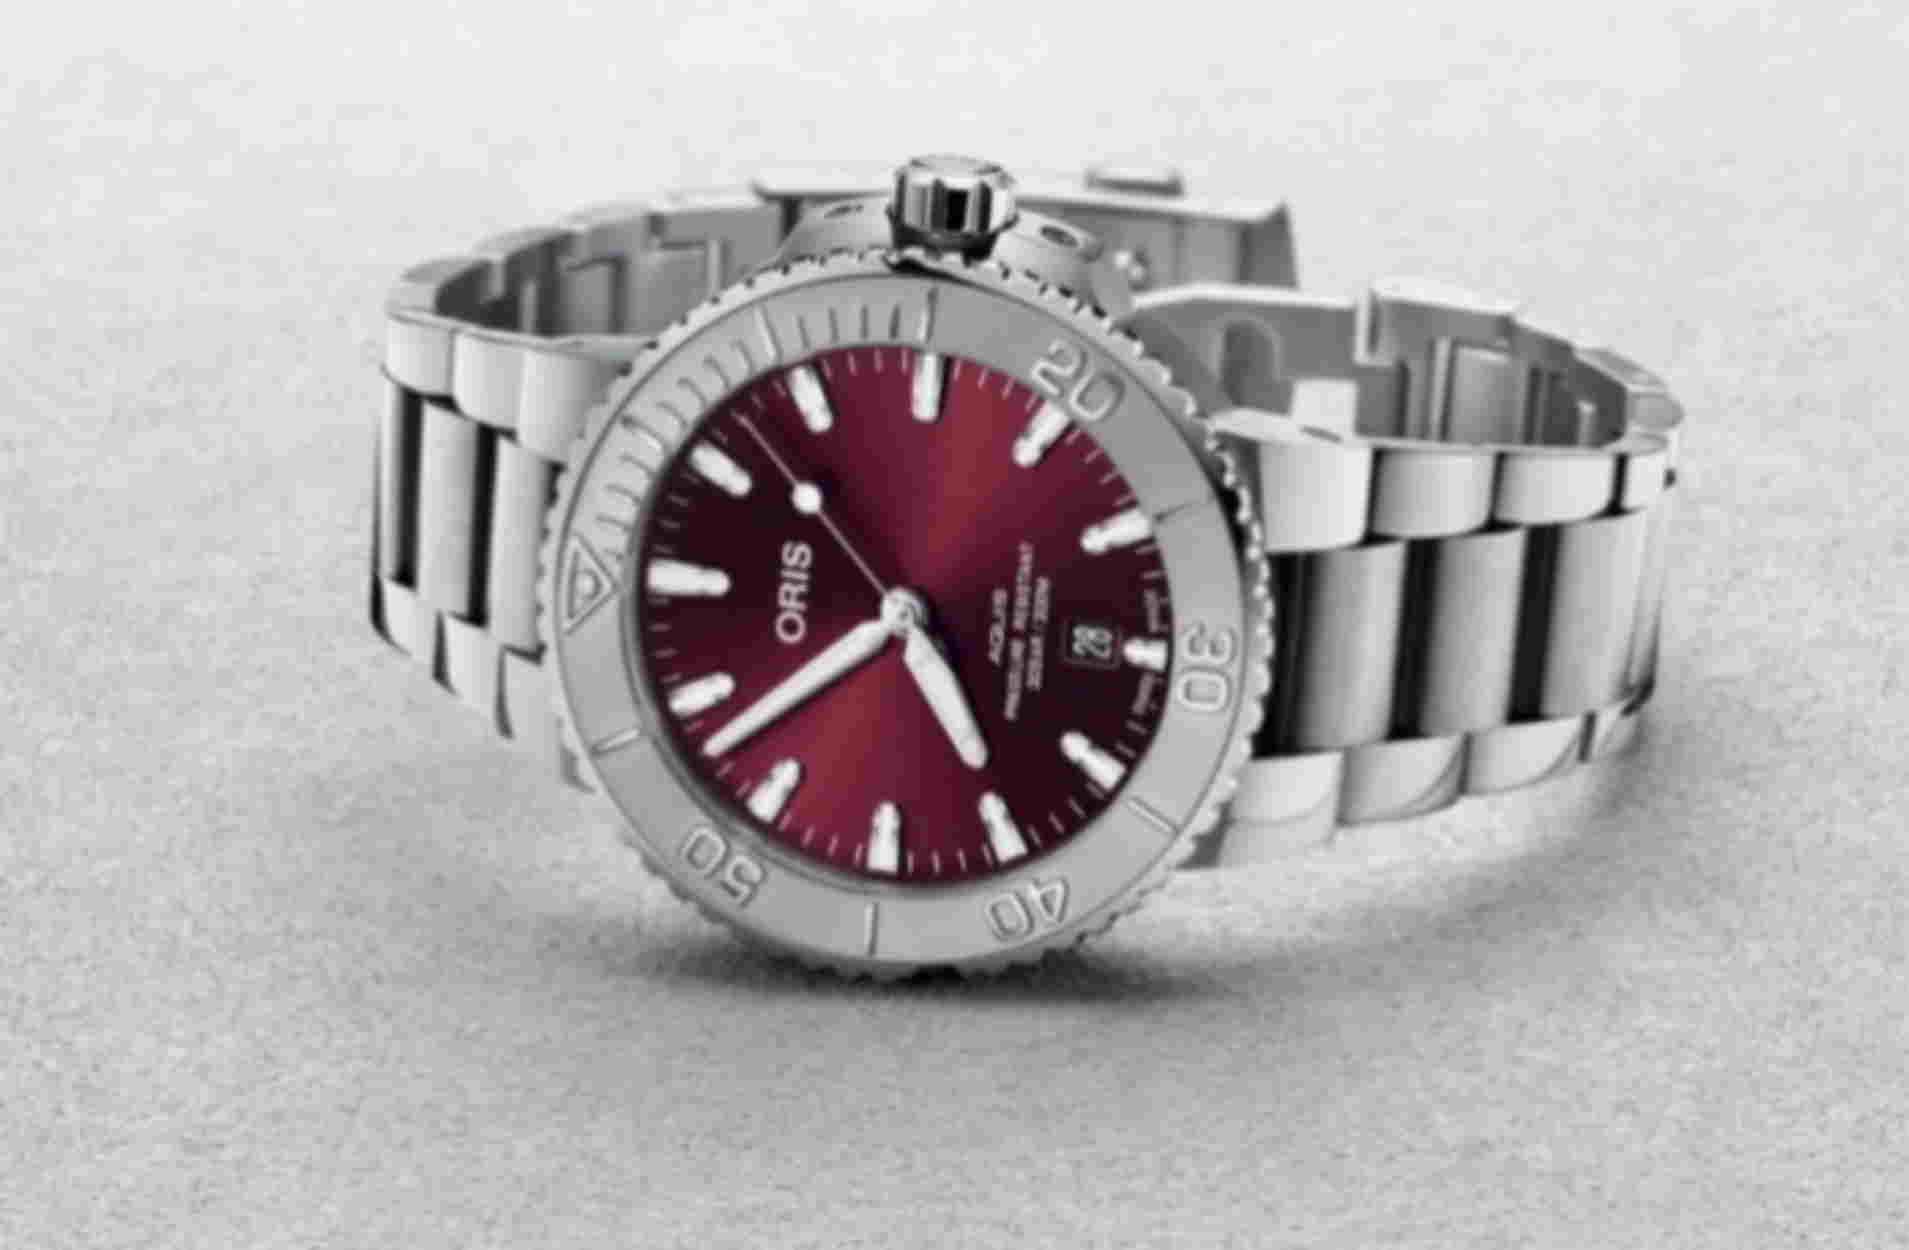 Ένα προσιτό αλλά ισχυρό καταδυτικό ρολόι που θα θέλεις να φοράς όλη μέρα